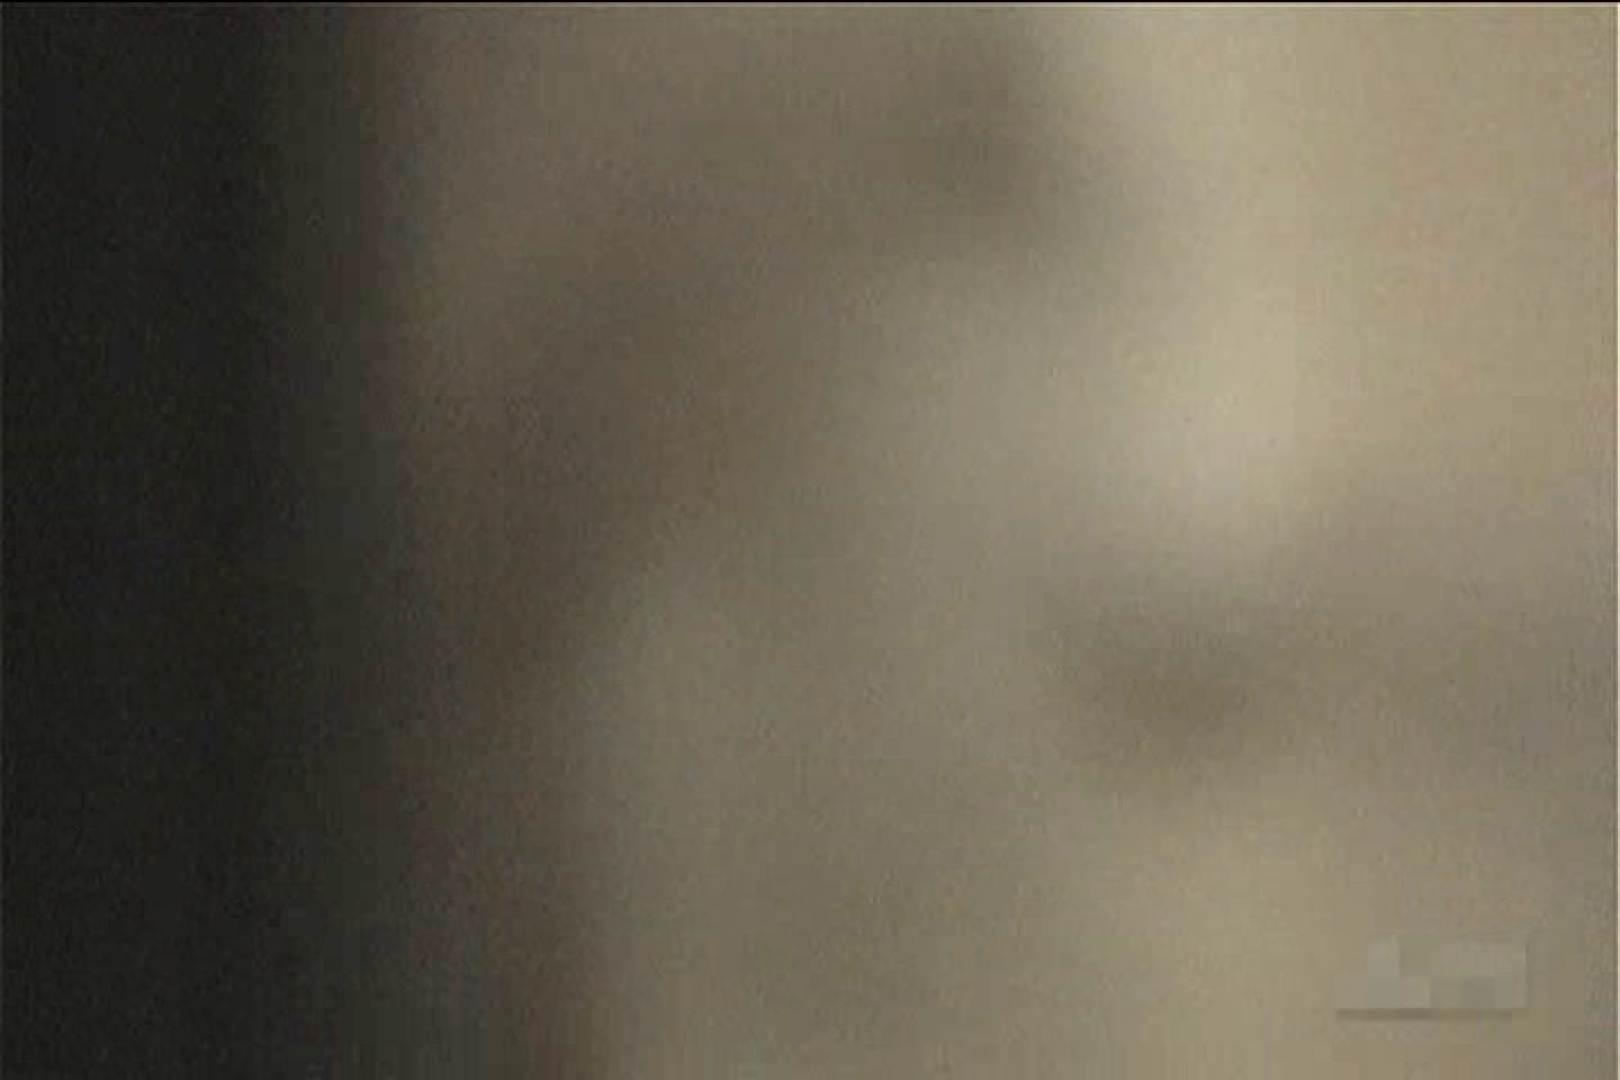 激撮ストーカー記録あなたのお宅拝見しますVol.8 すけべなカップル | すけべなOL  100画像 86